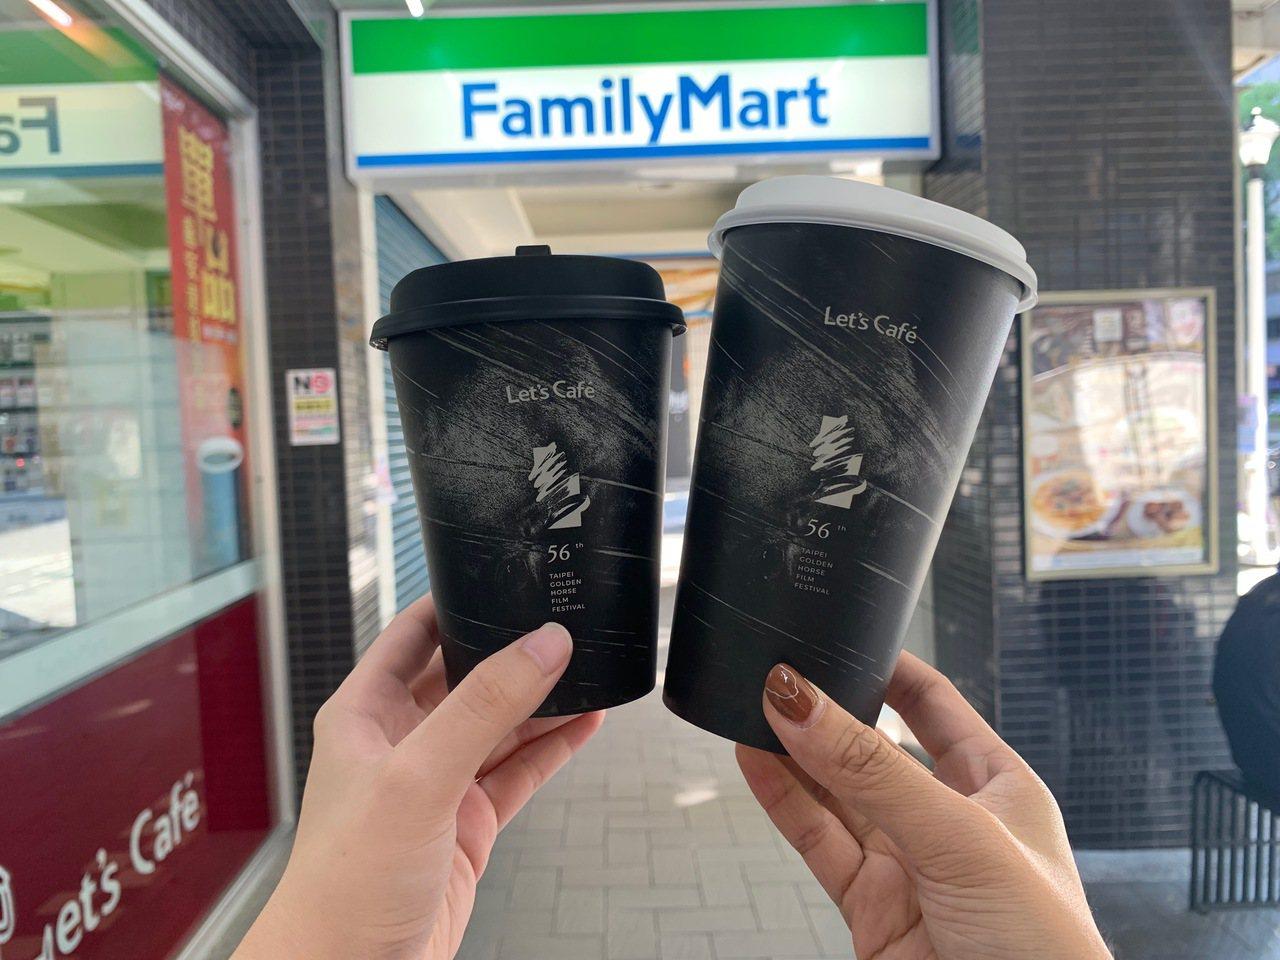 全家便利商店Let's Café即日起限量推出「金馬杯」。圖/全家便利商店提供